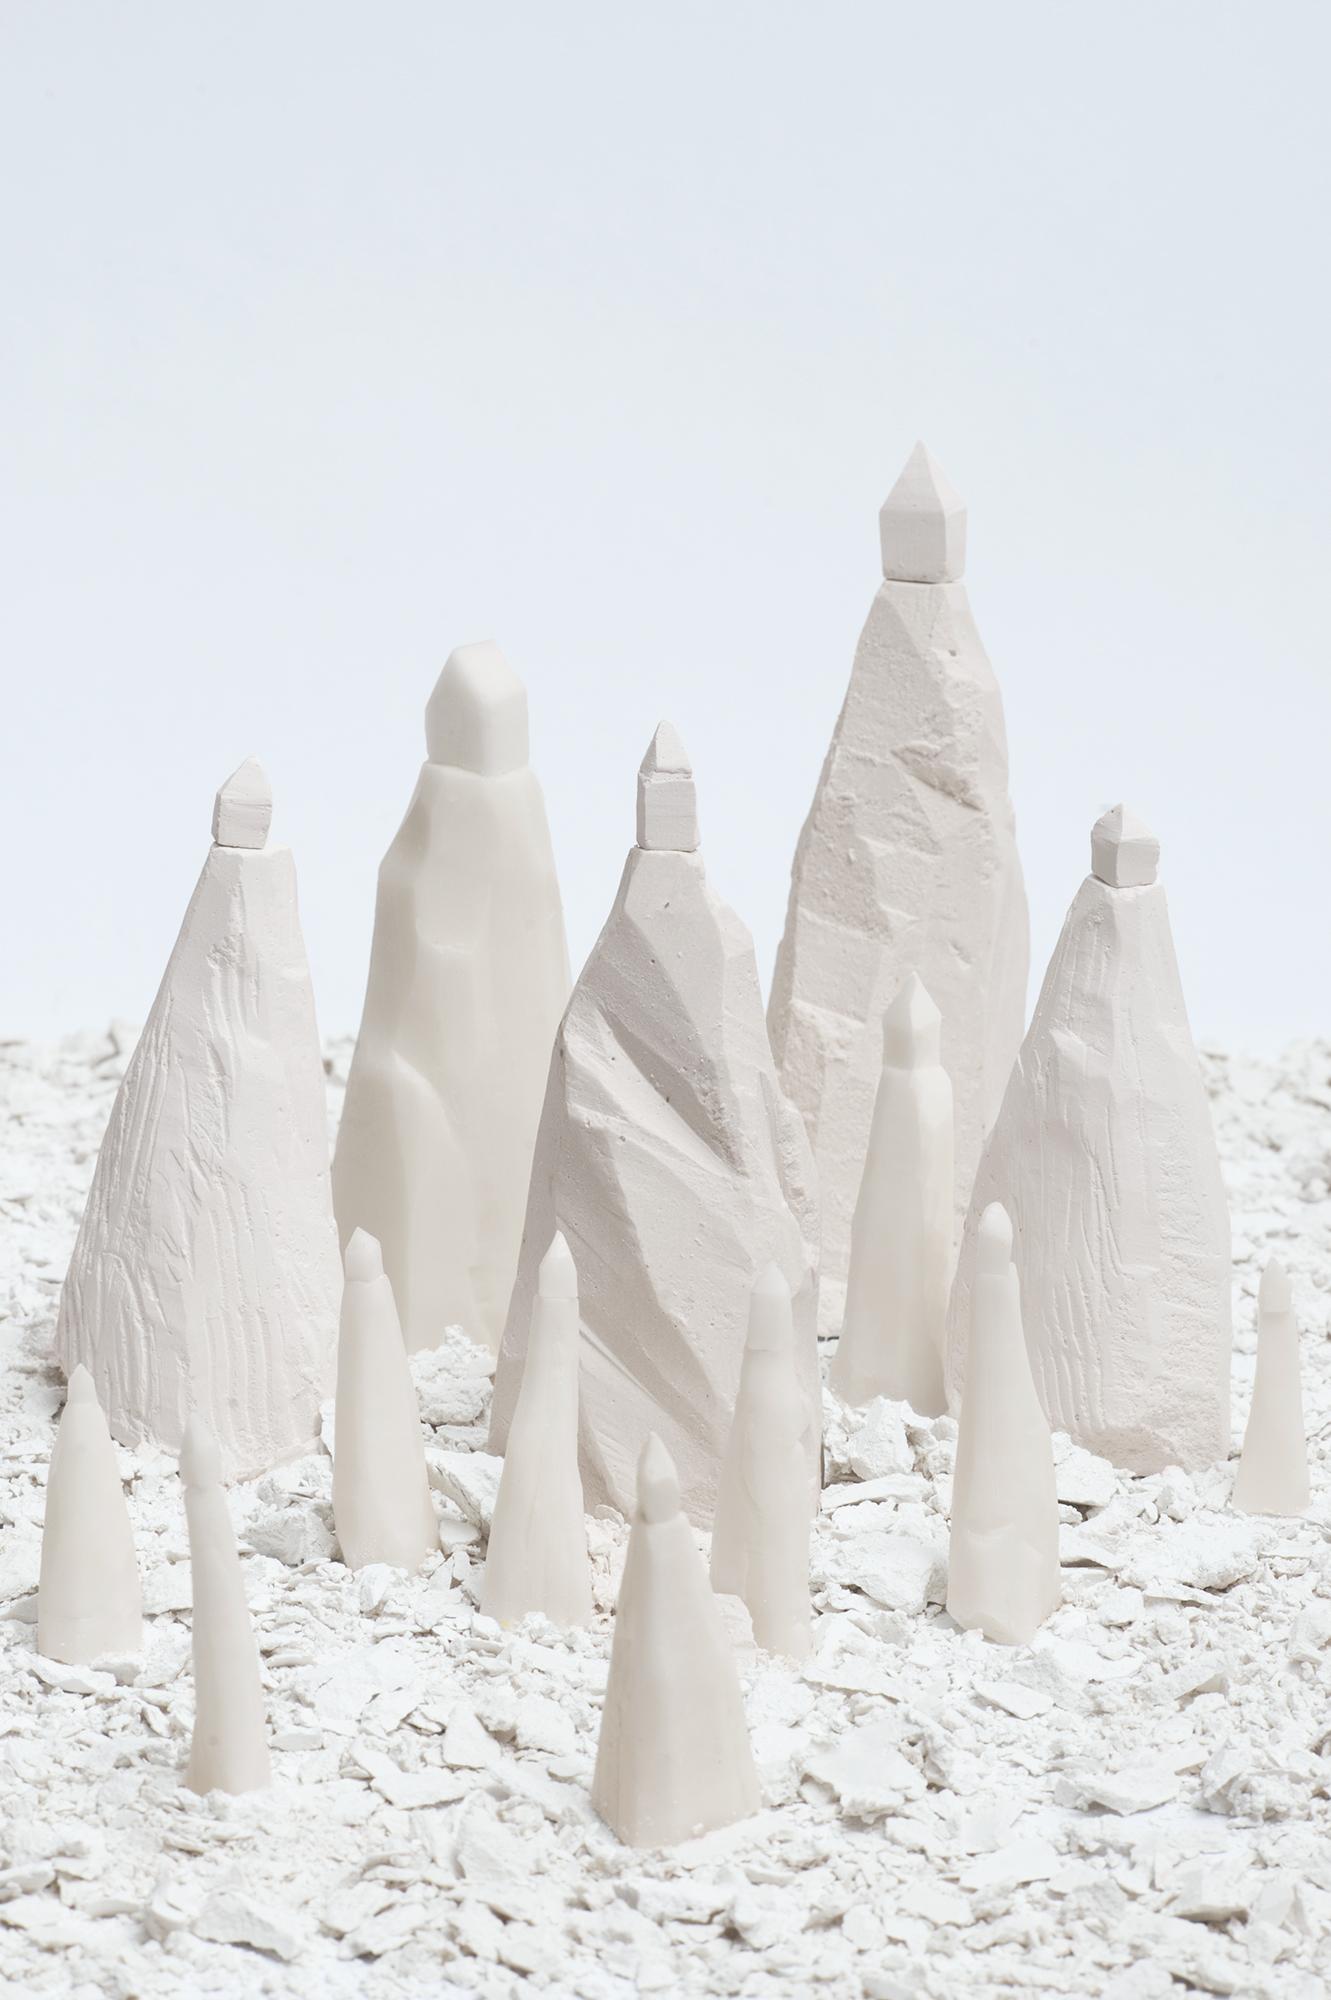 sculpture : paysage de montagnes blanches avec chacune sa petite maison au sommet